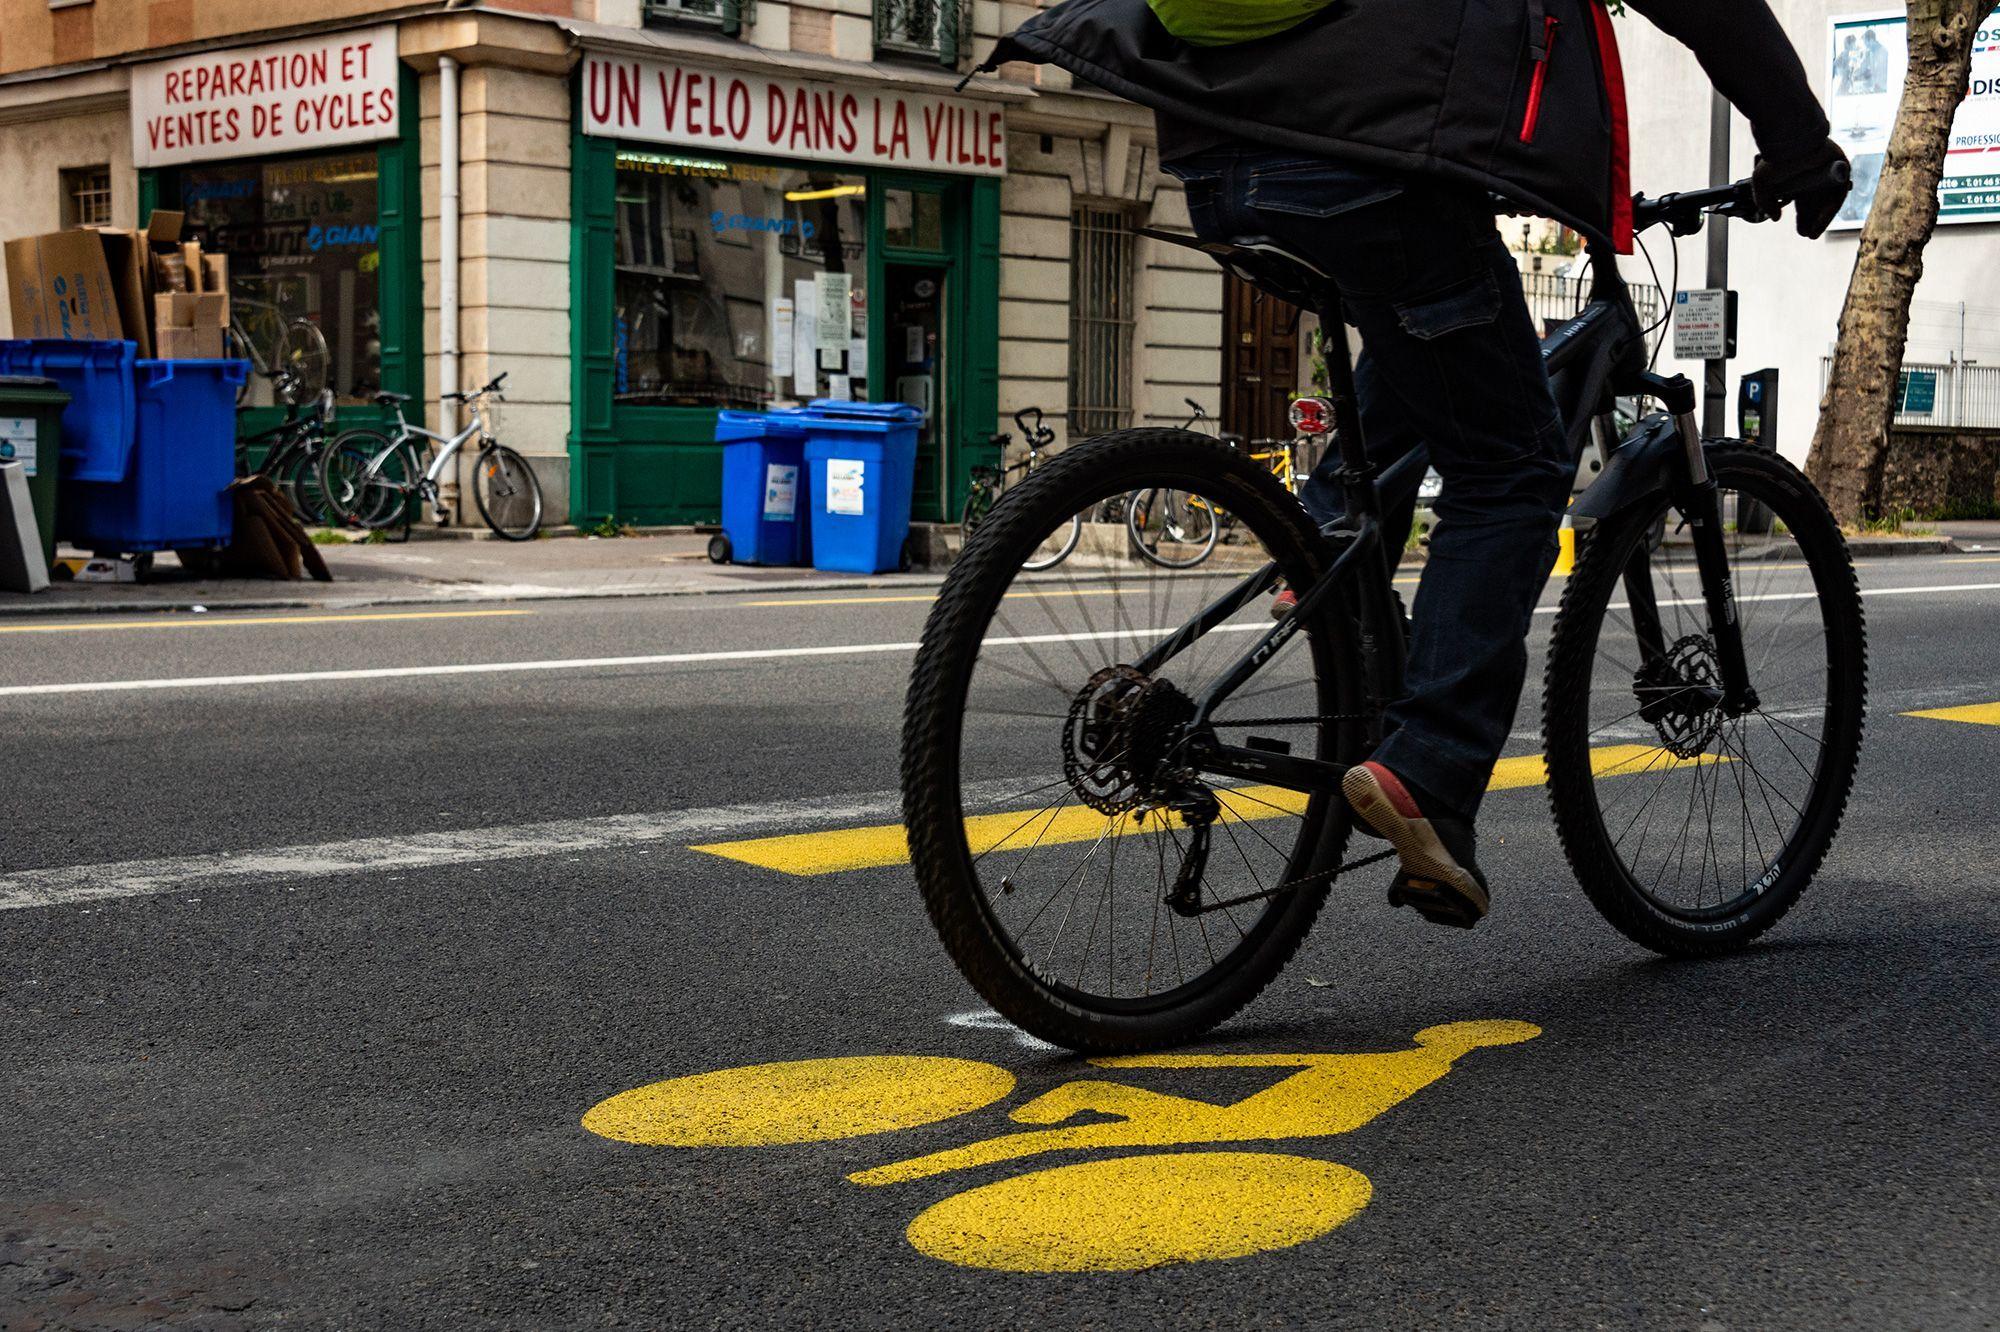 50 Euros Offerts Pistes Cyclables Provisoires Tout Savoir Sur Le Deconfinement A Velo